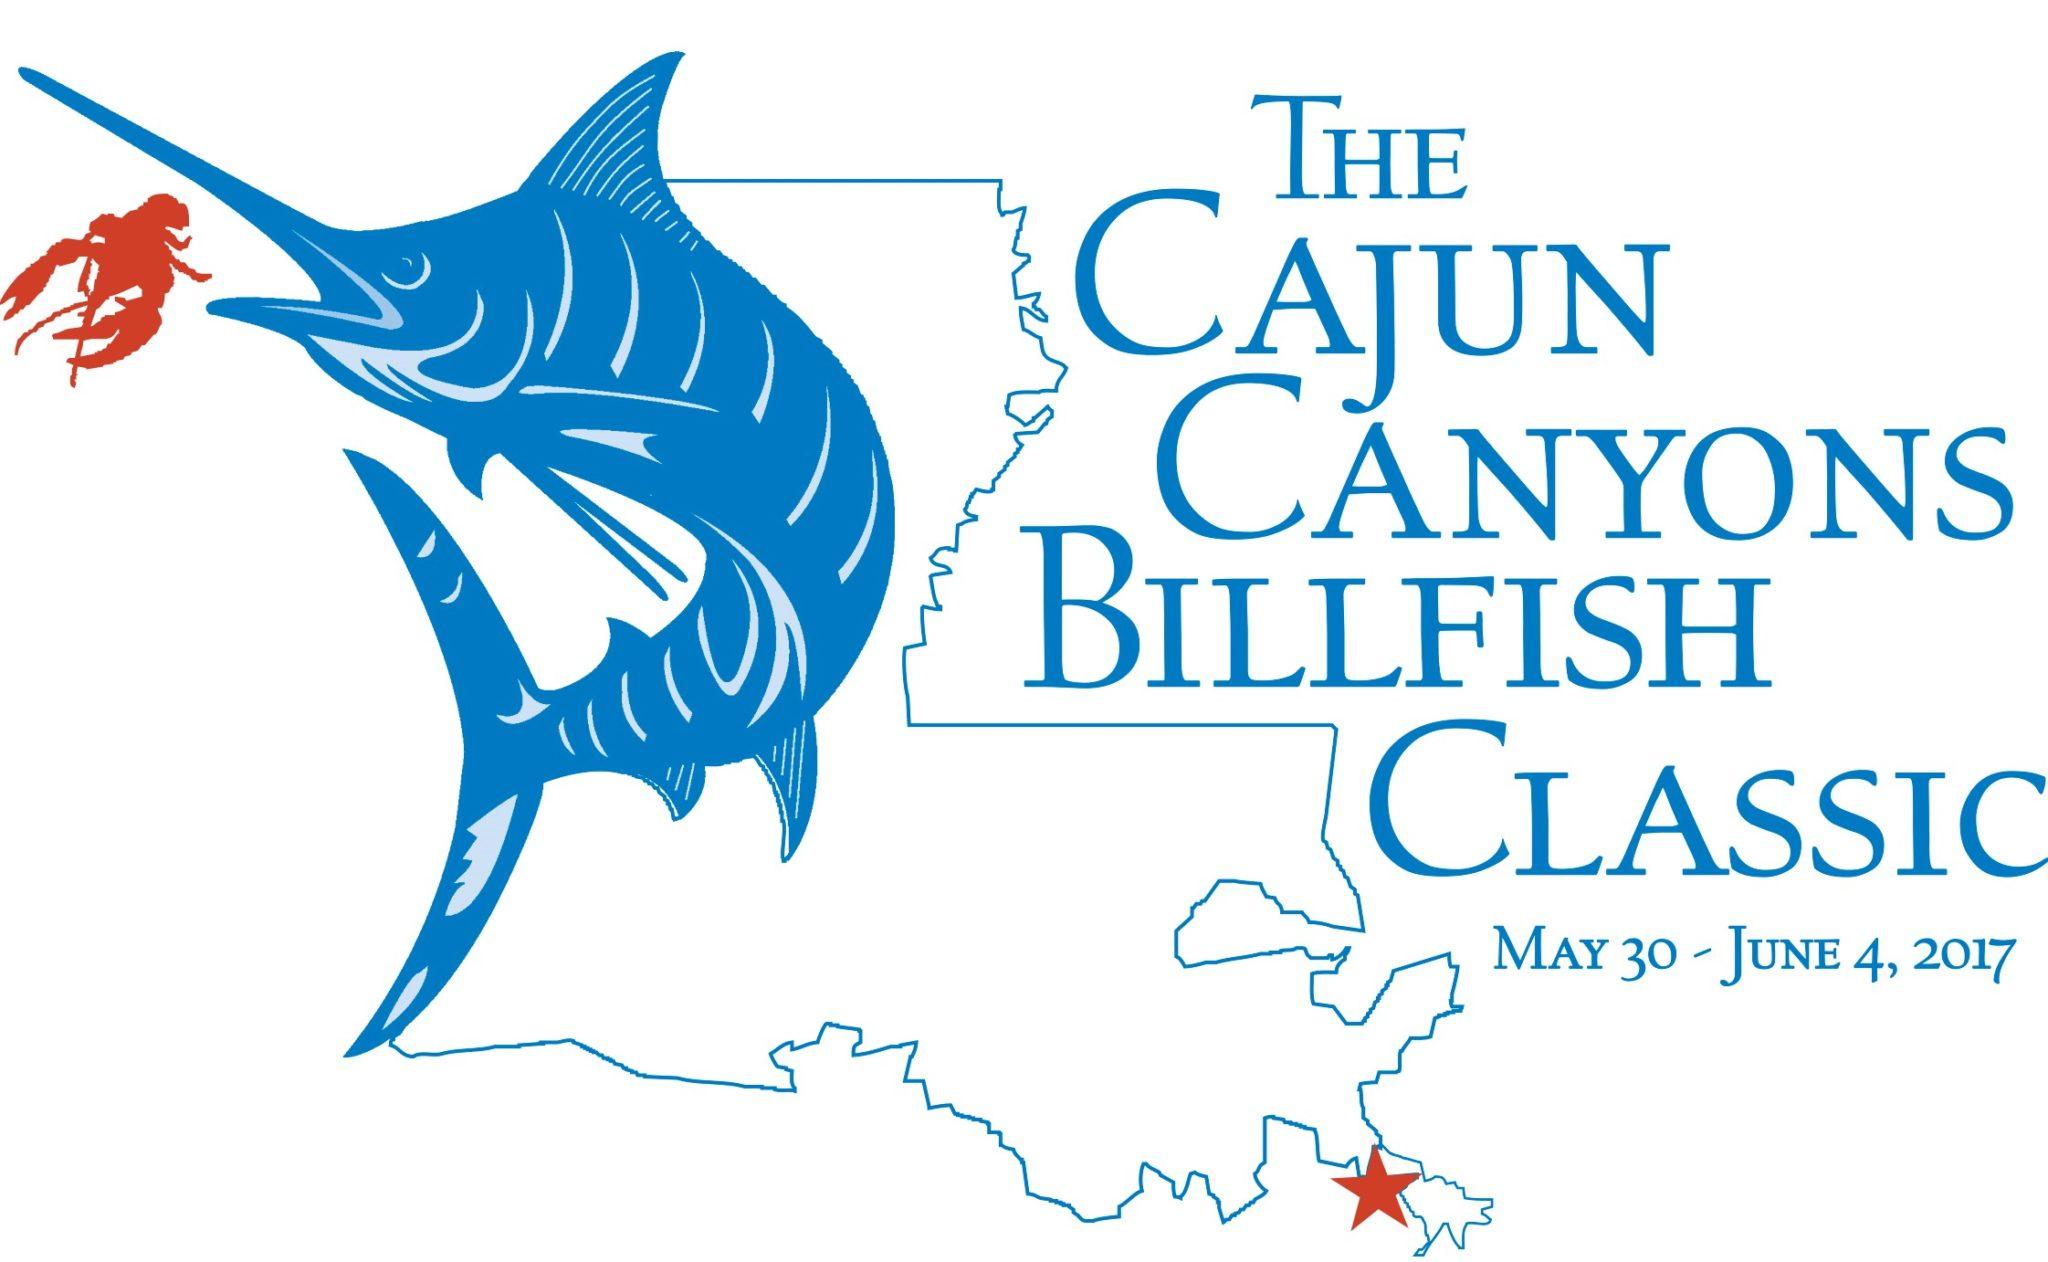 CCBC2017Logo 1 1024x631 Cajun Canyons Billfish Classic